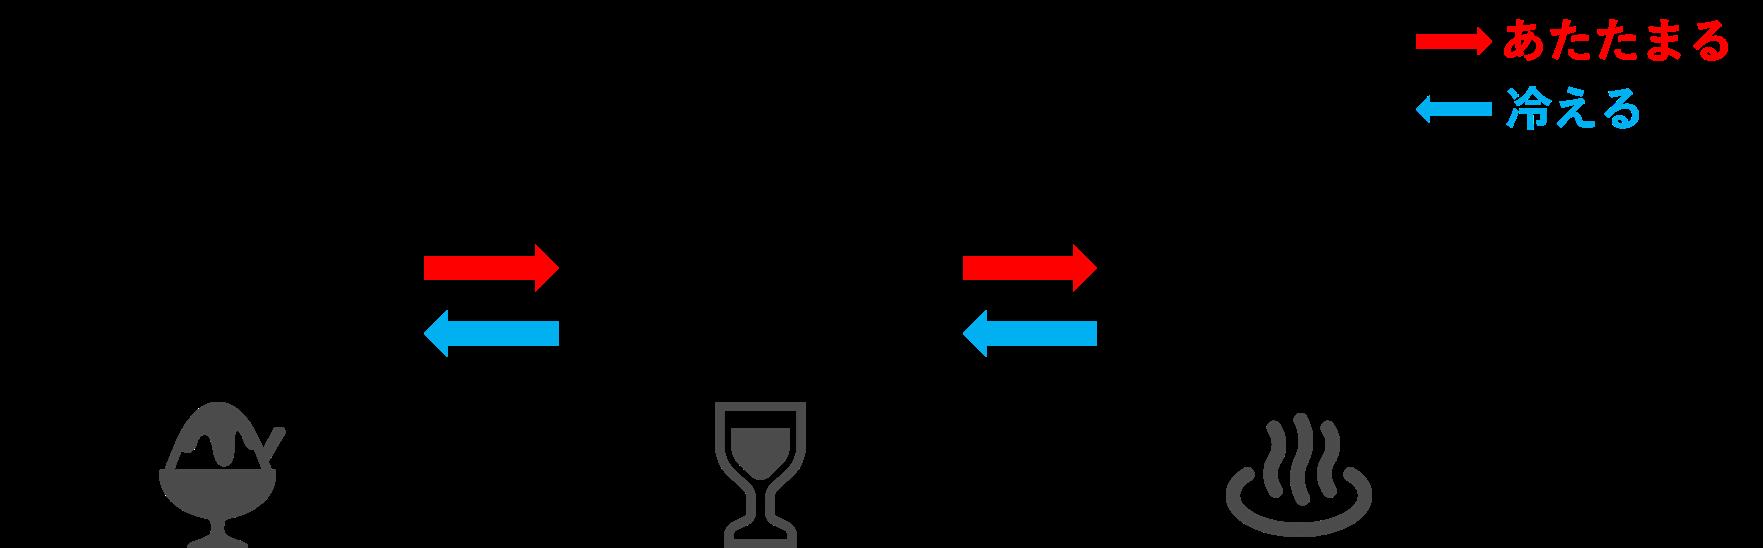 物質の三態の模式図